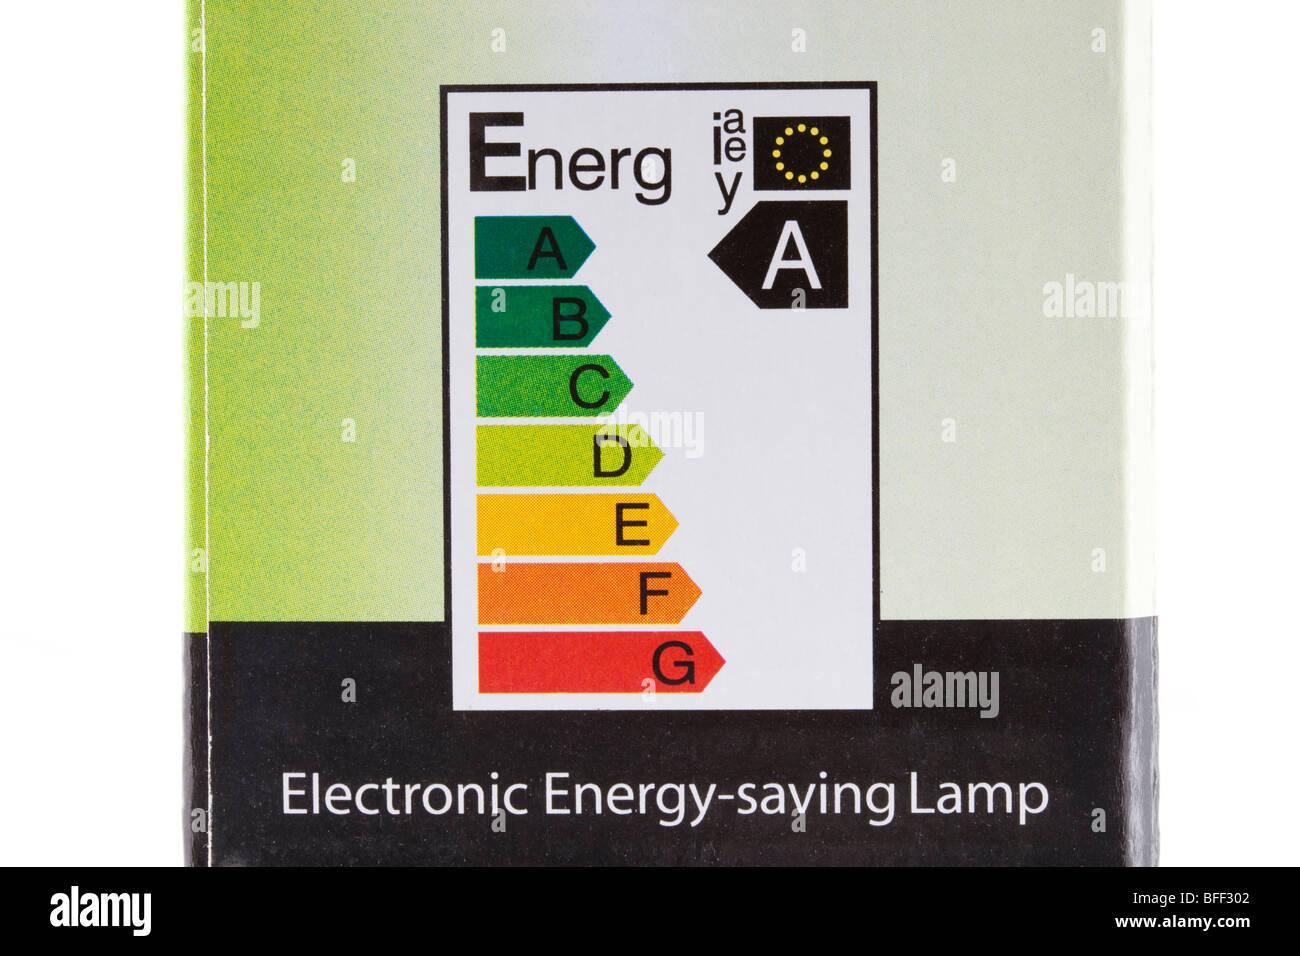 Ue energia elettrica etichetta sulla bassa energia lampadina luce box che mostra la più alta energia efficienza Immagini Stock